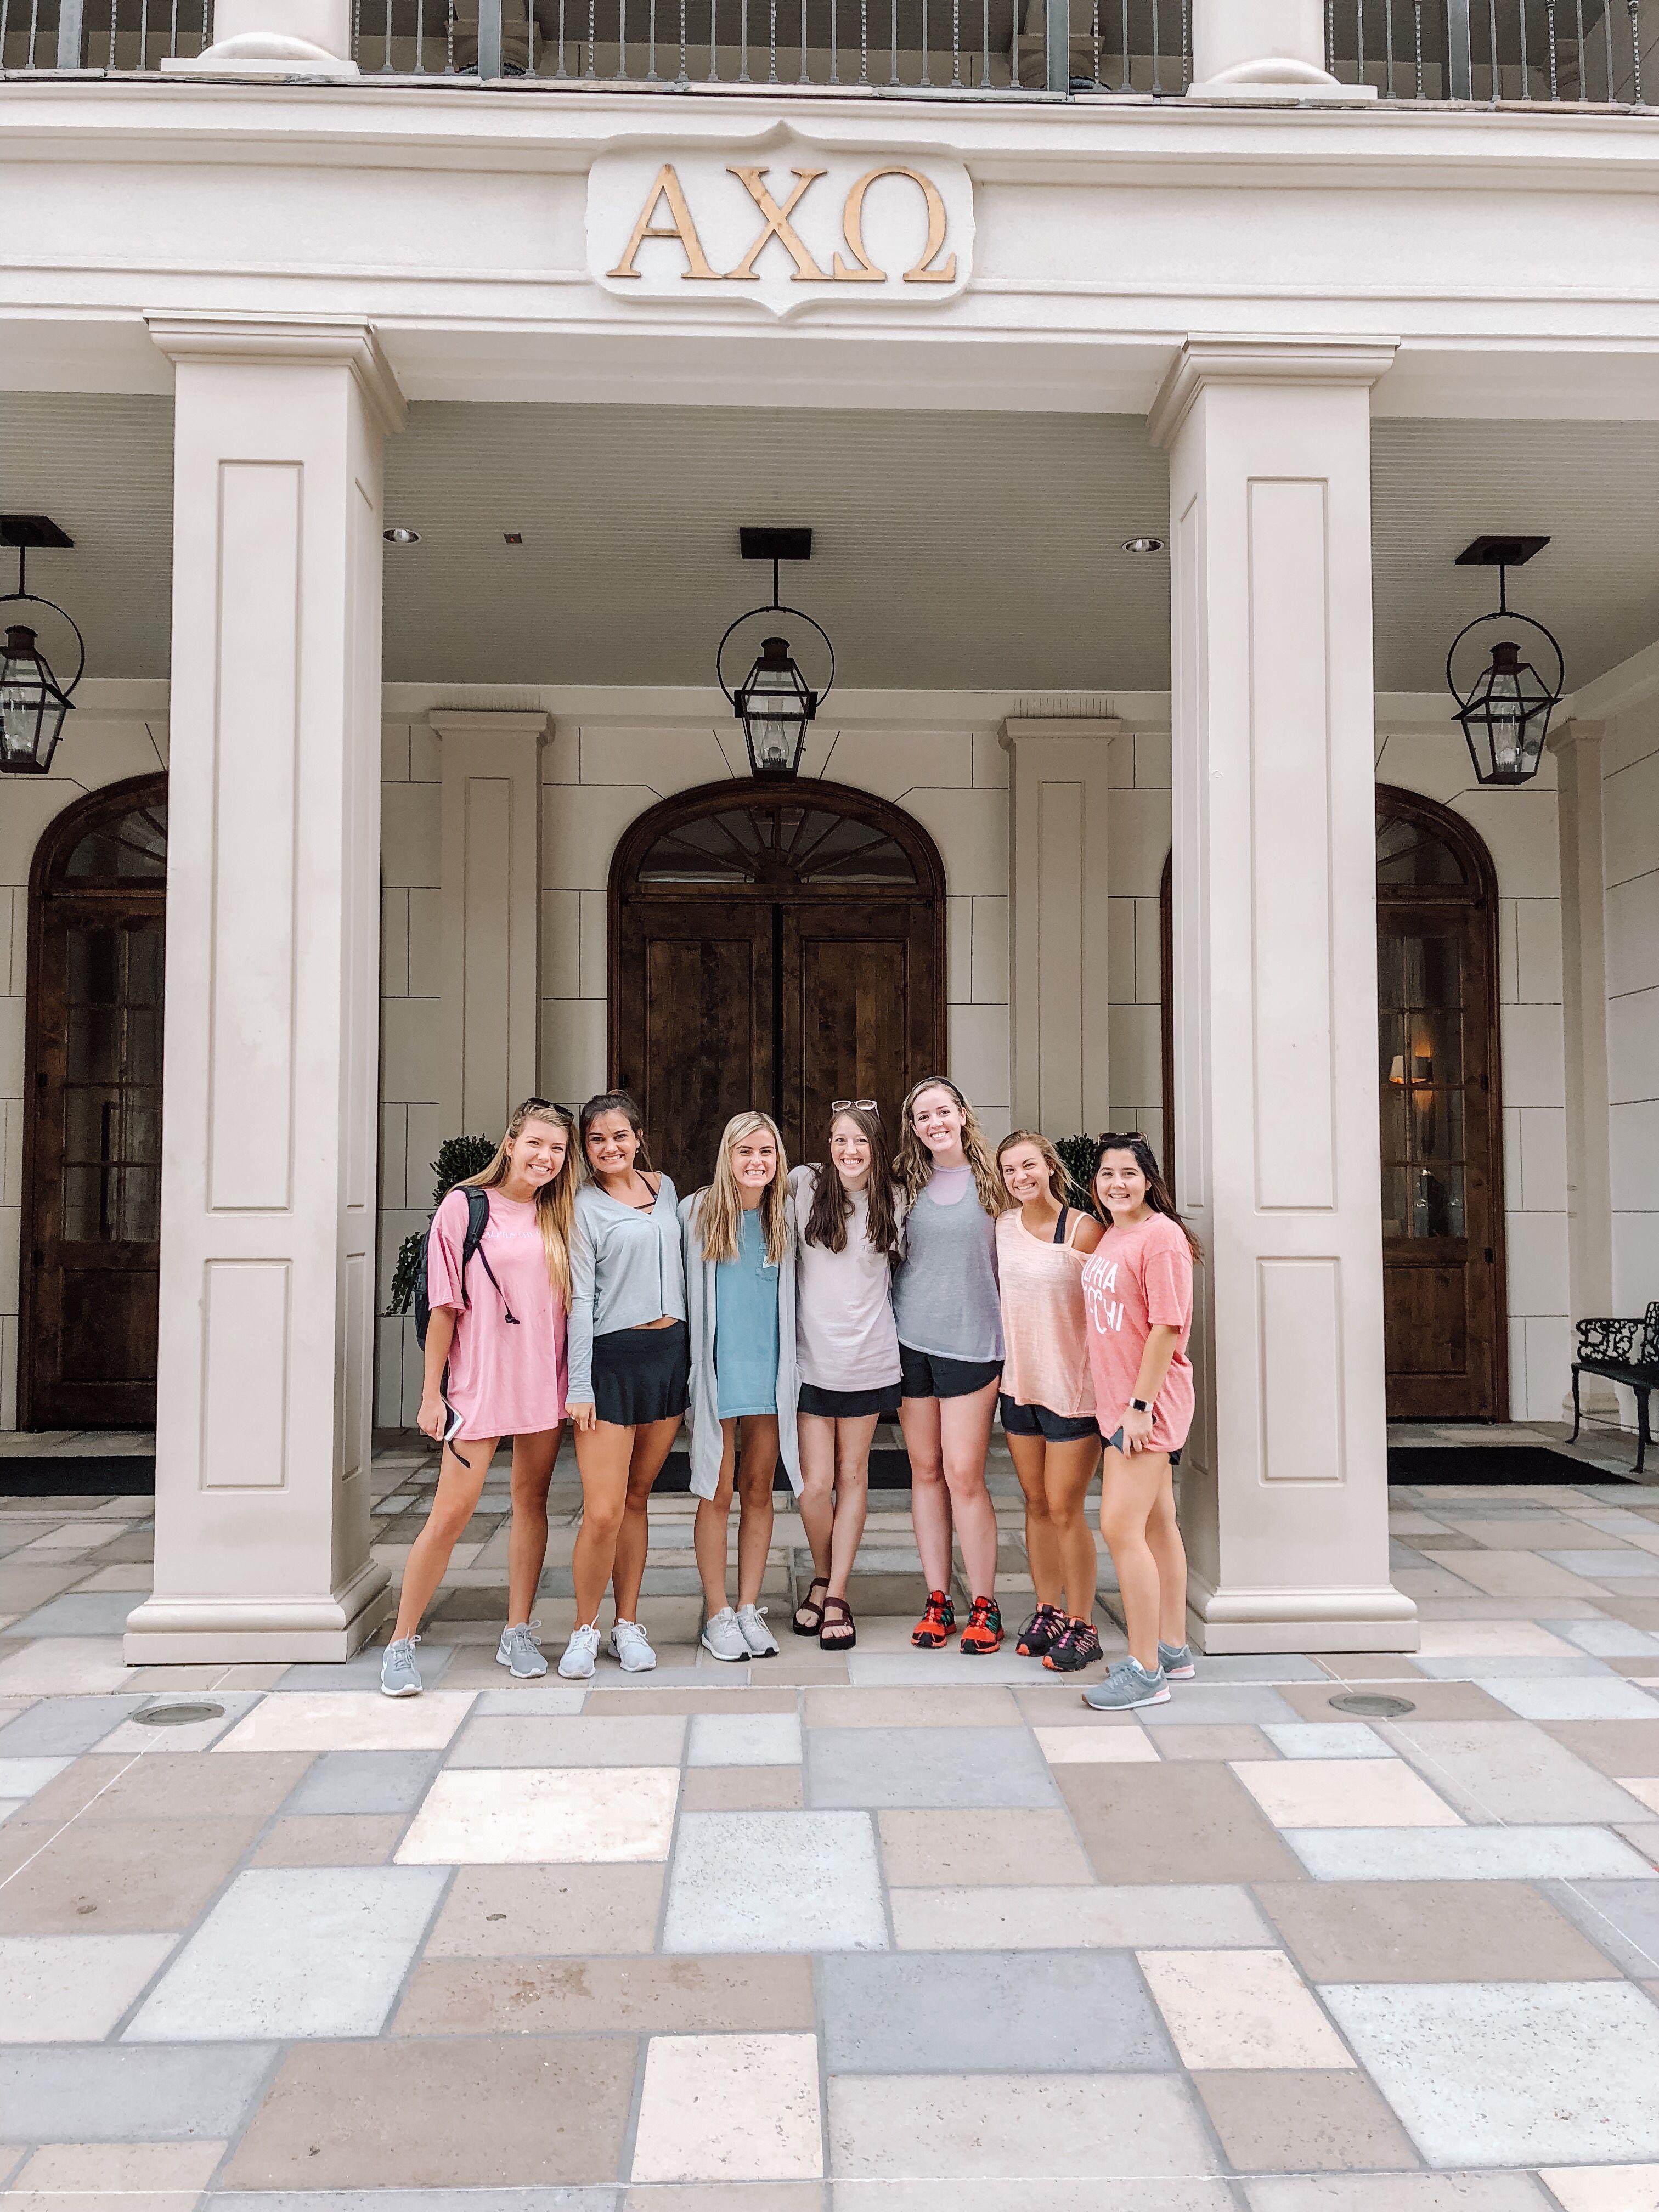 University Of Alabama Alpha Chi Omega Sorority House Sorority